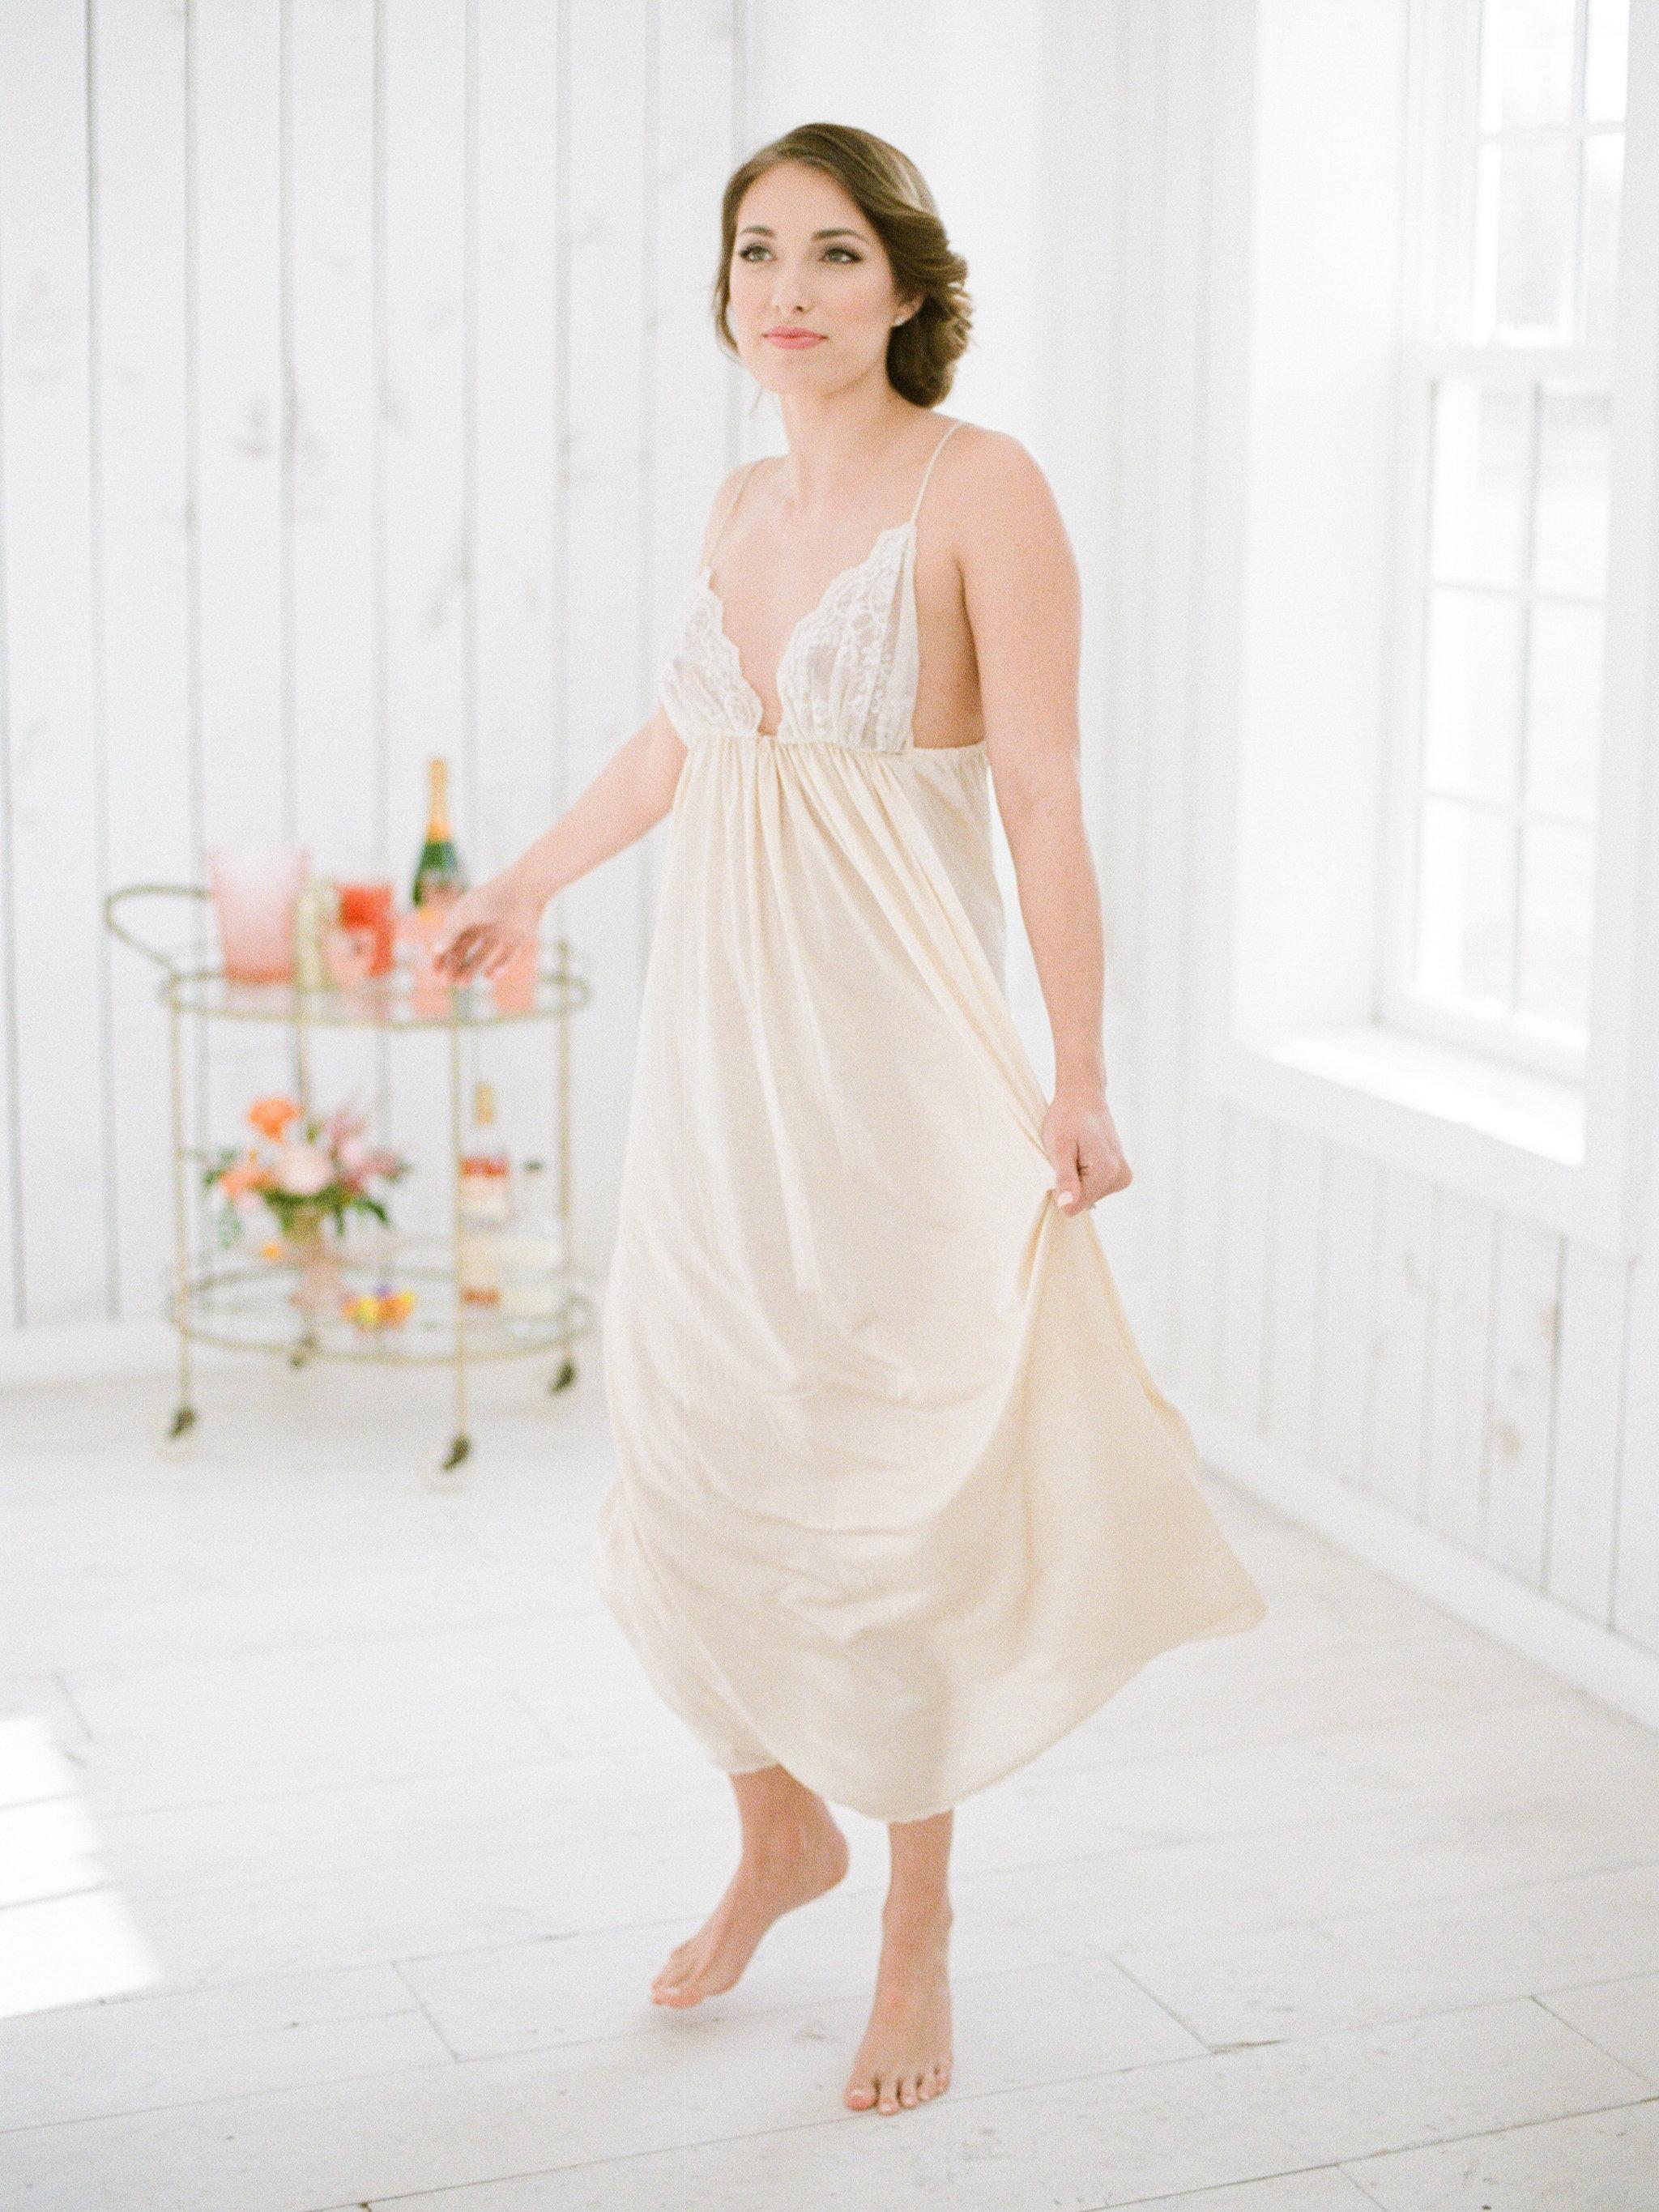 morning-bridal-boudoir-session